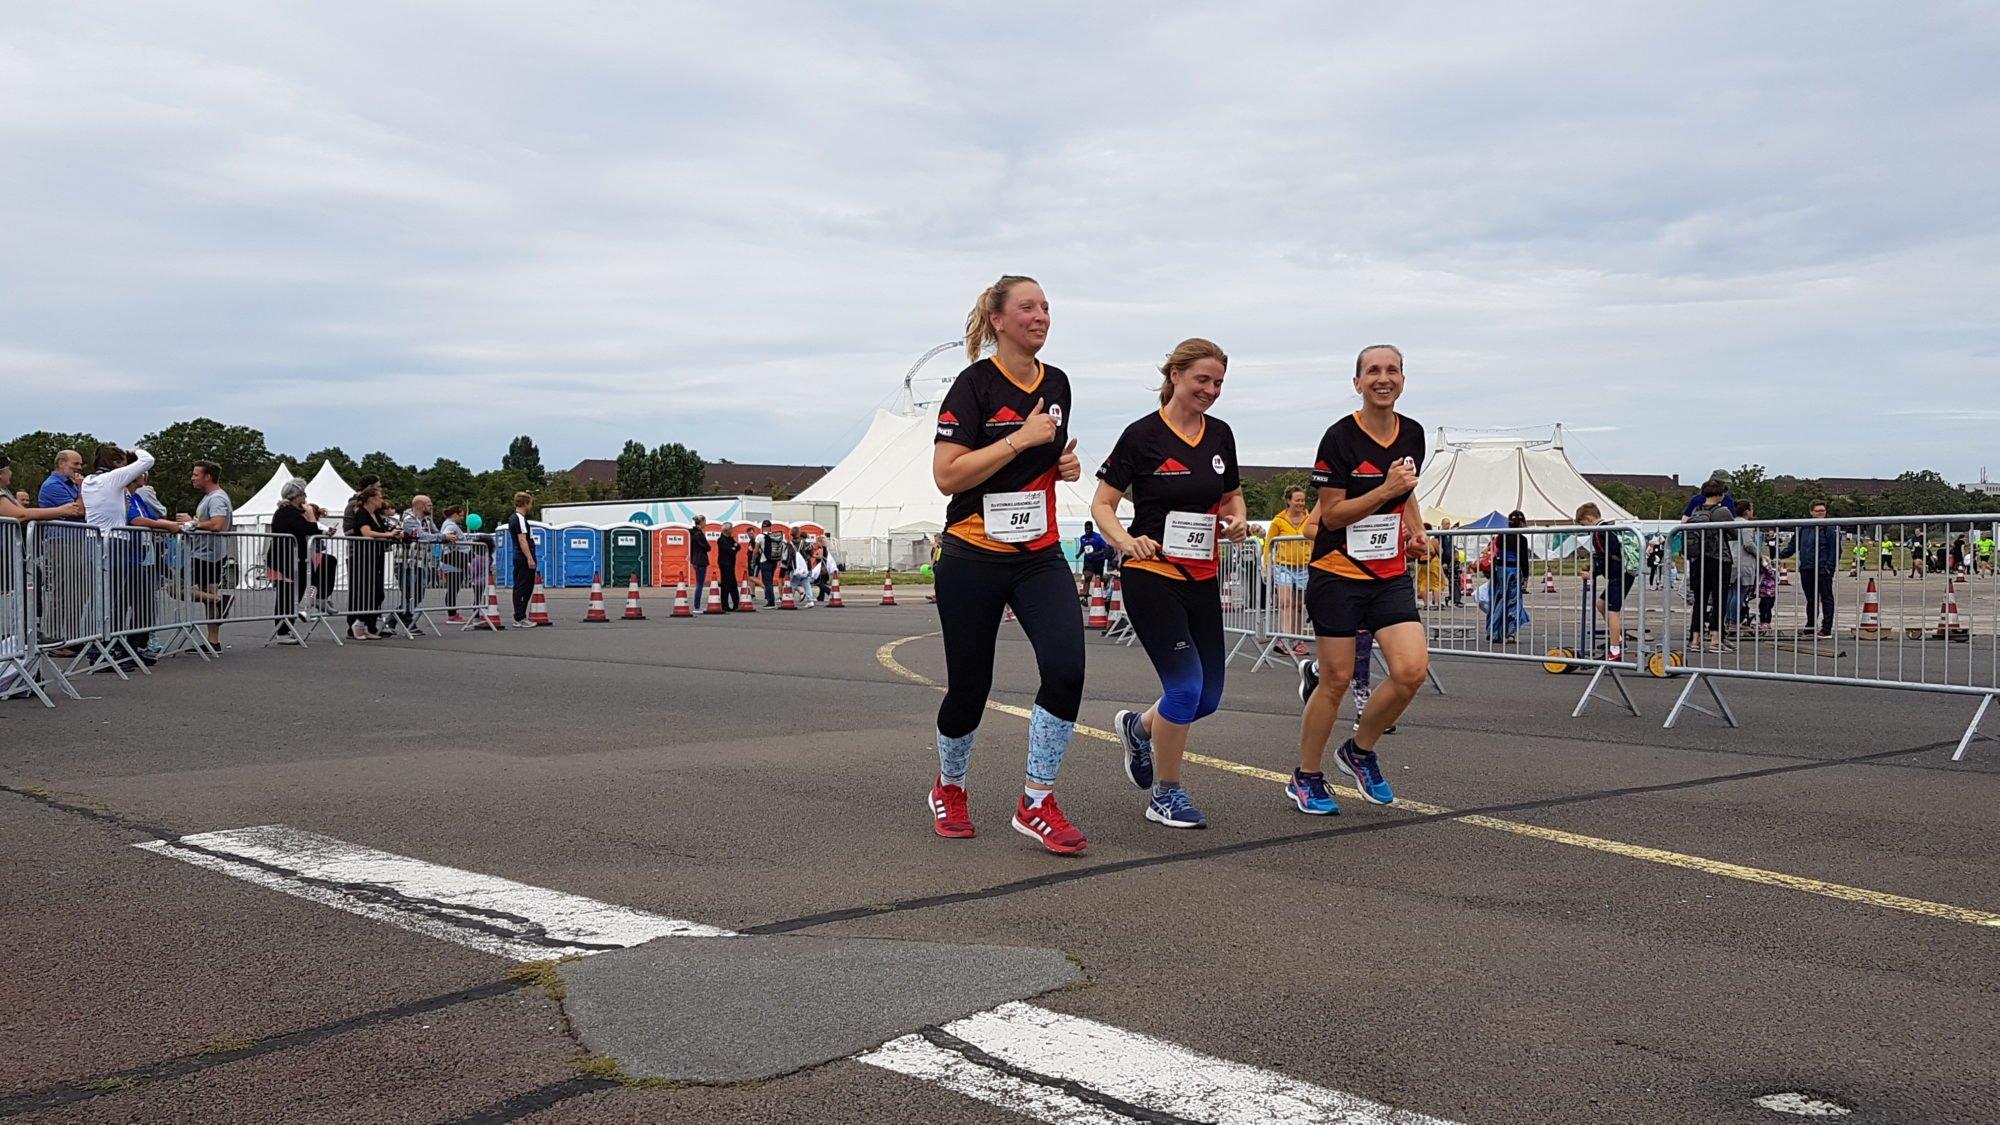 Drei Kolleginnen der Donnersmarckstiftung beim Zieleinlauf des 10km-Laufes.